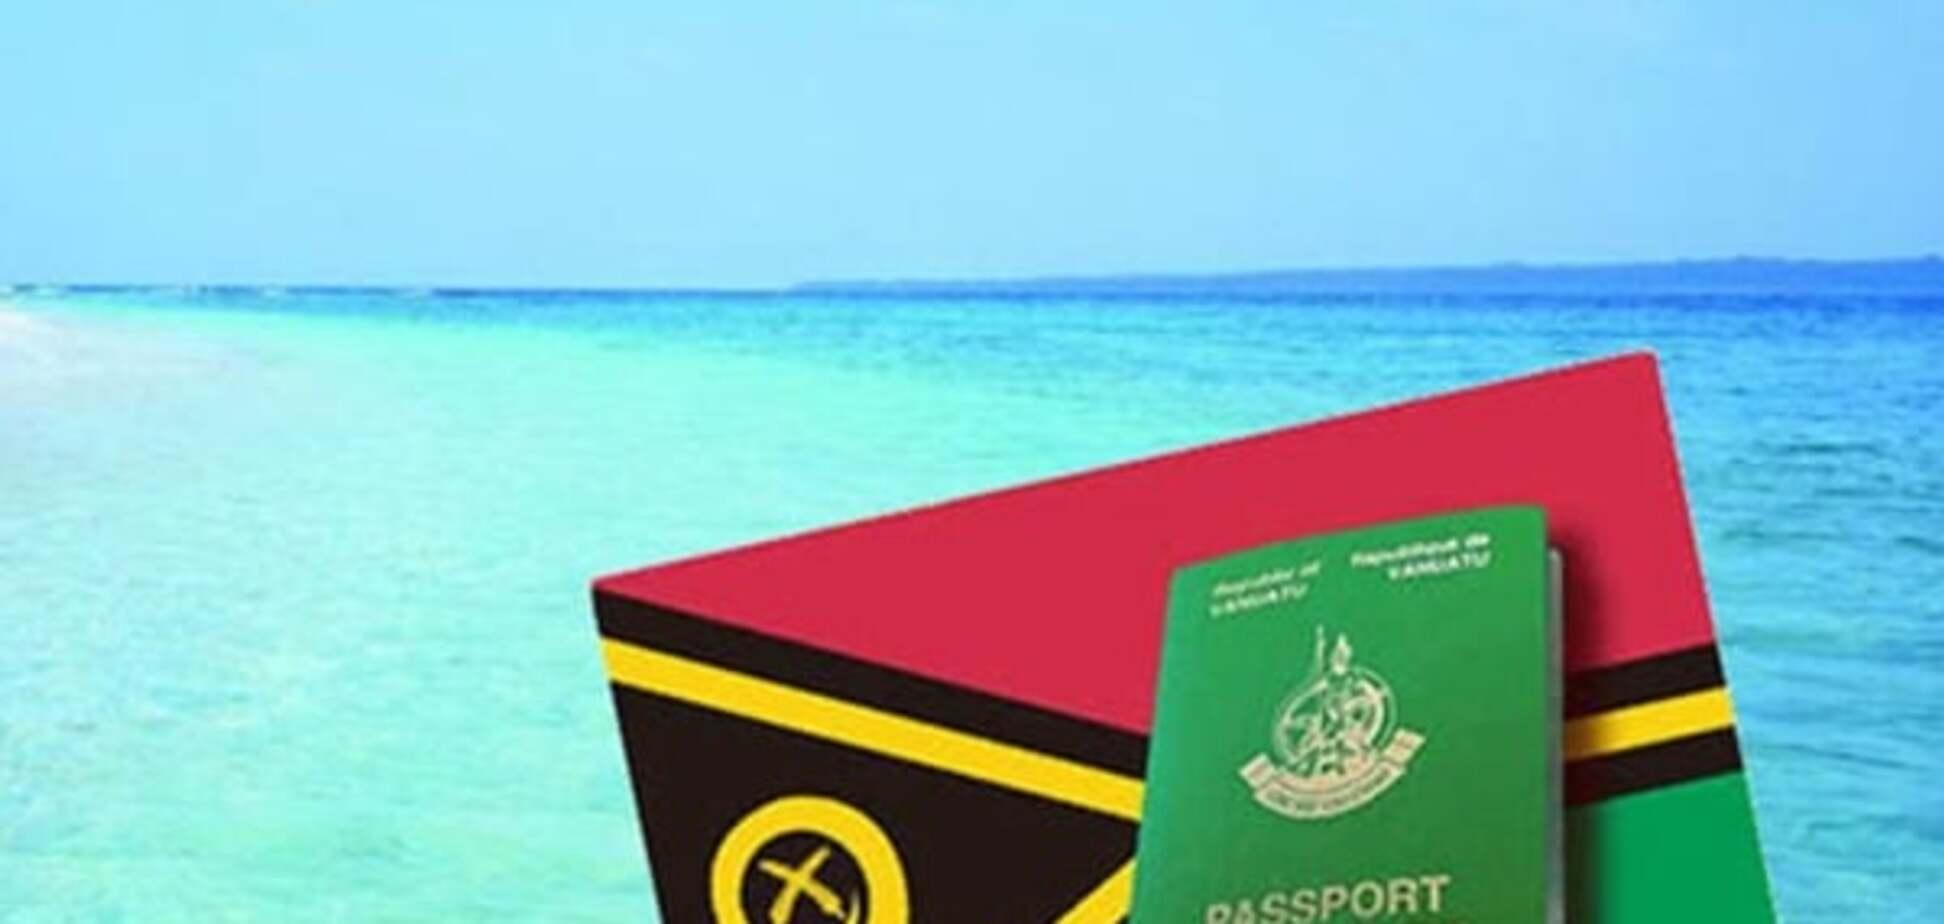 НАПК проверит гражданство Республики Вануату у родственников чиновников